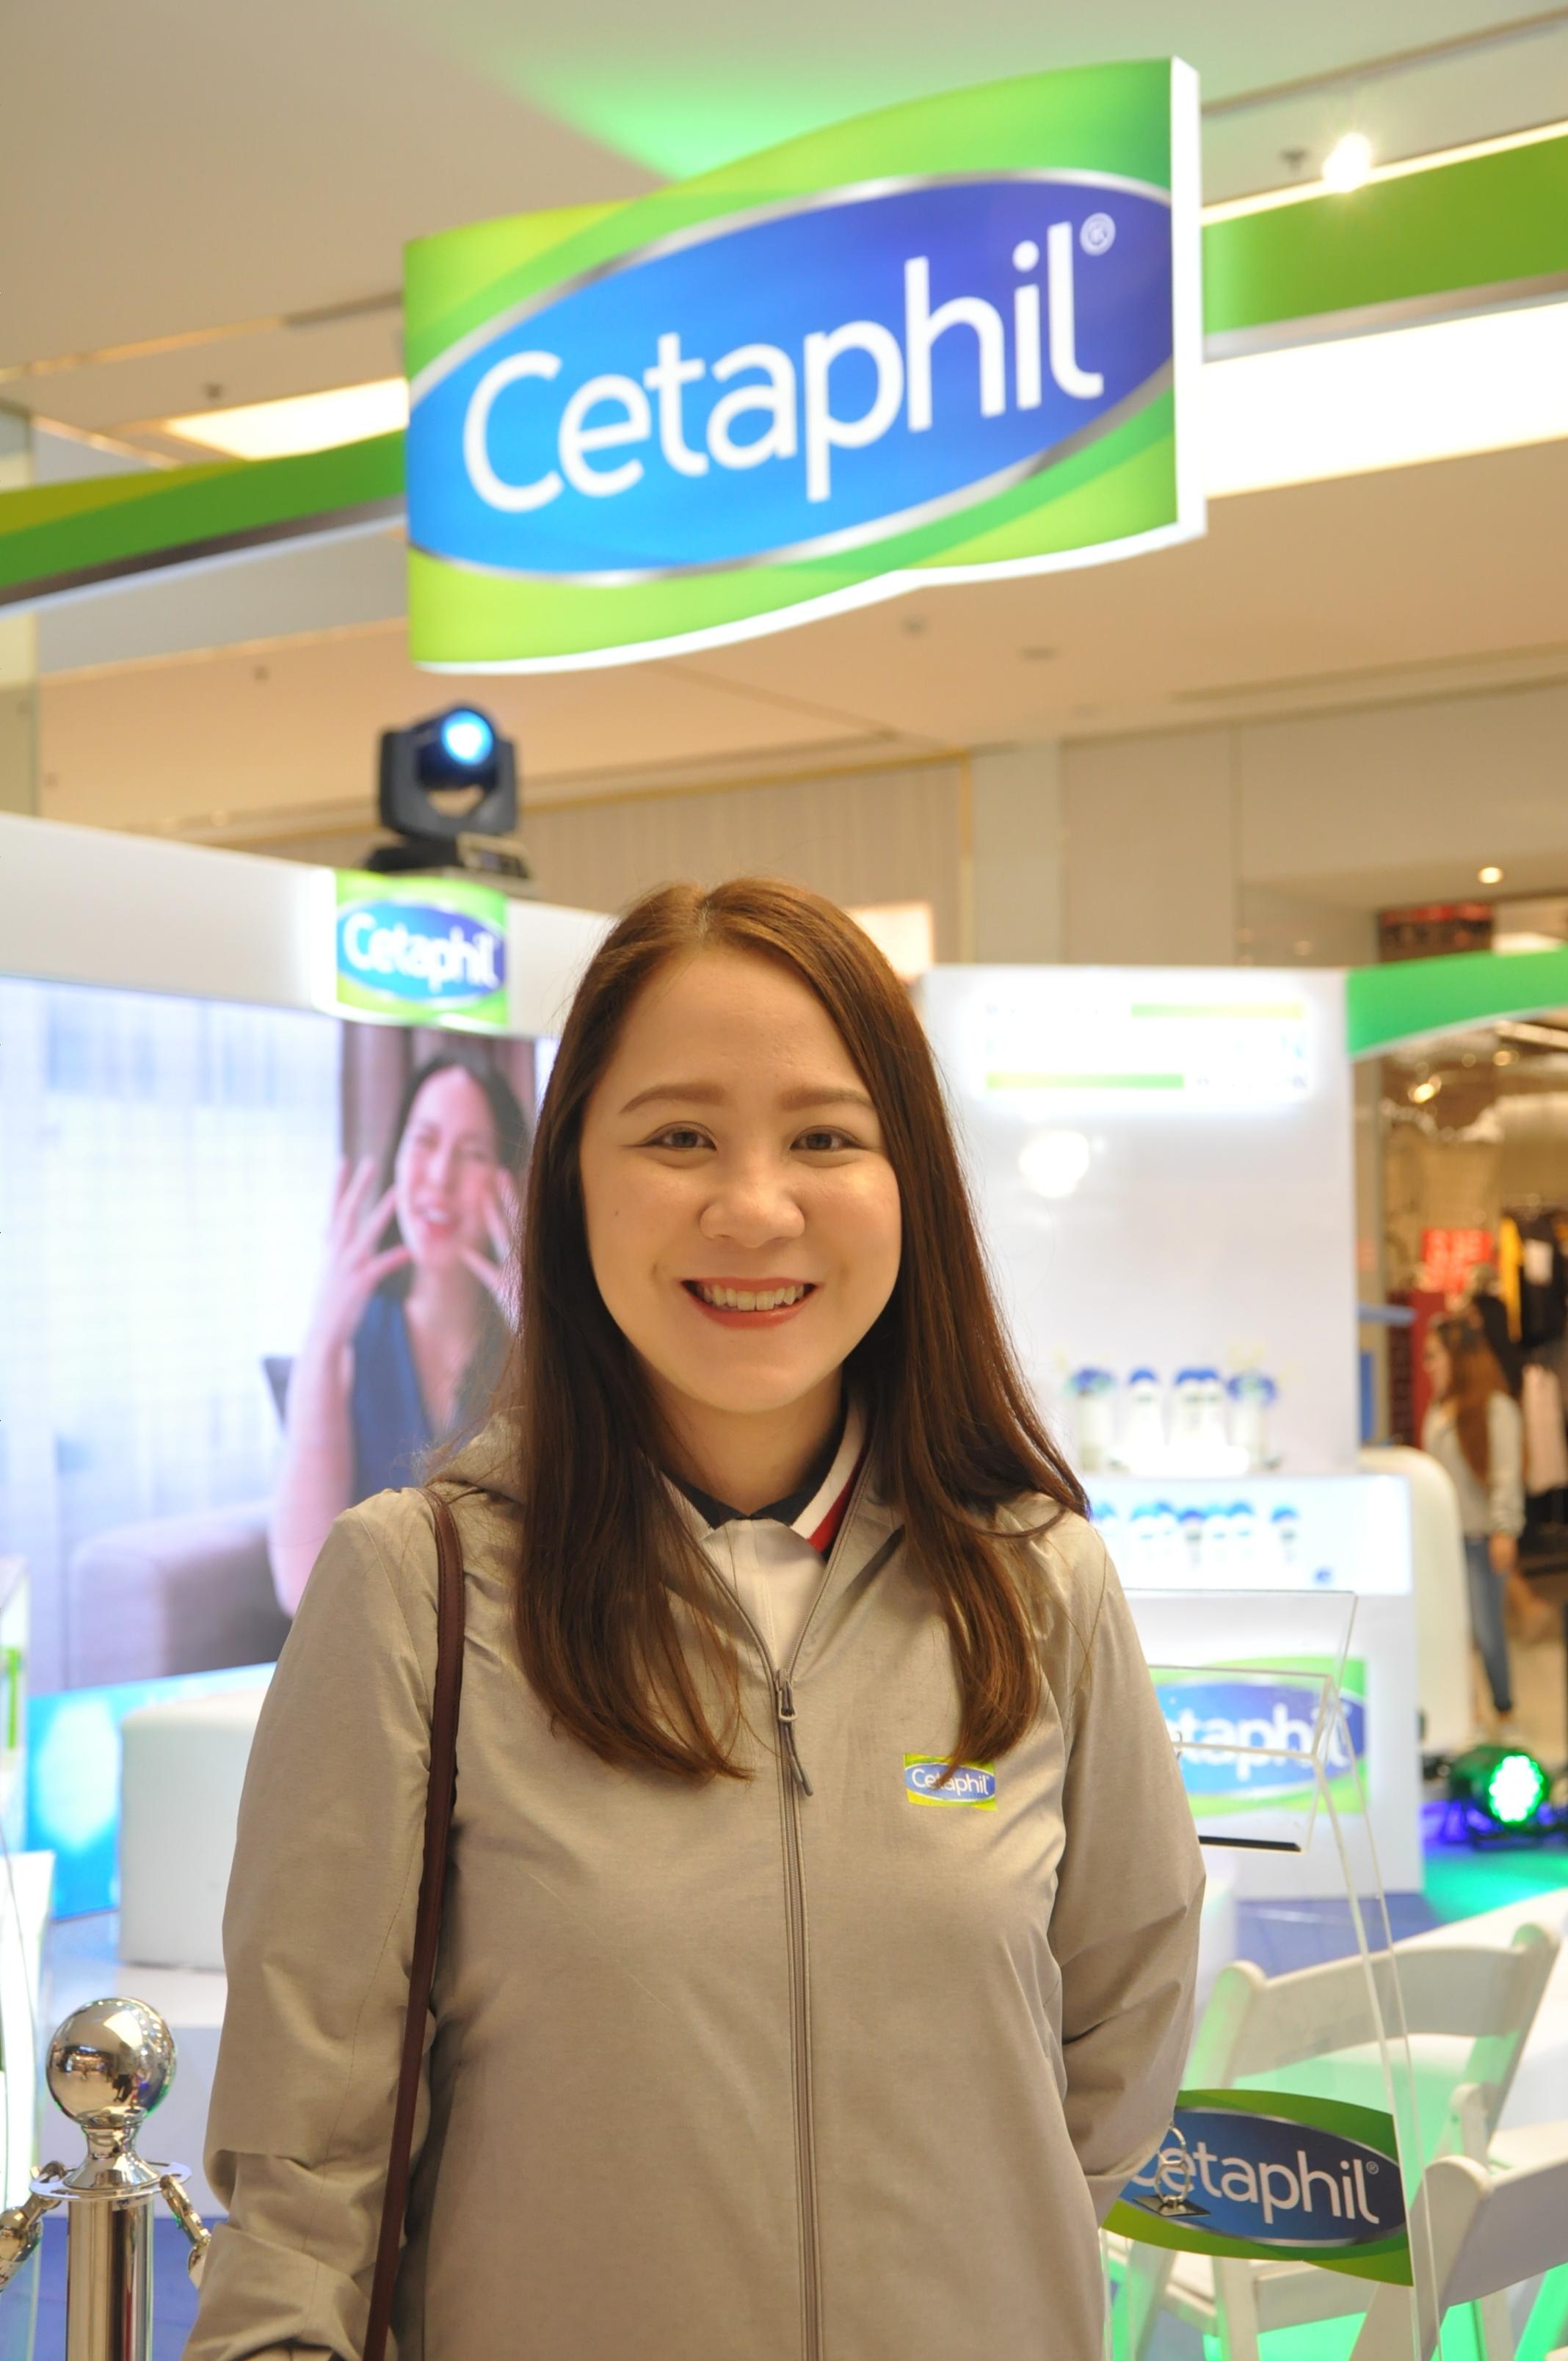 Cetaphil Brand Manager Francesca Sy.JPG